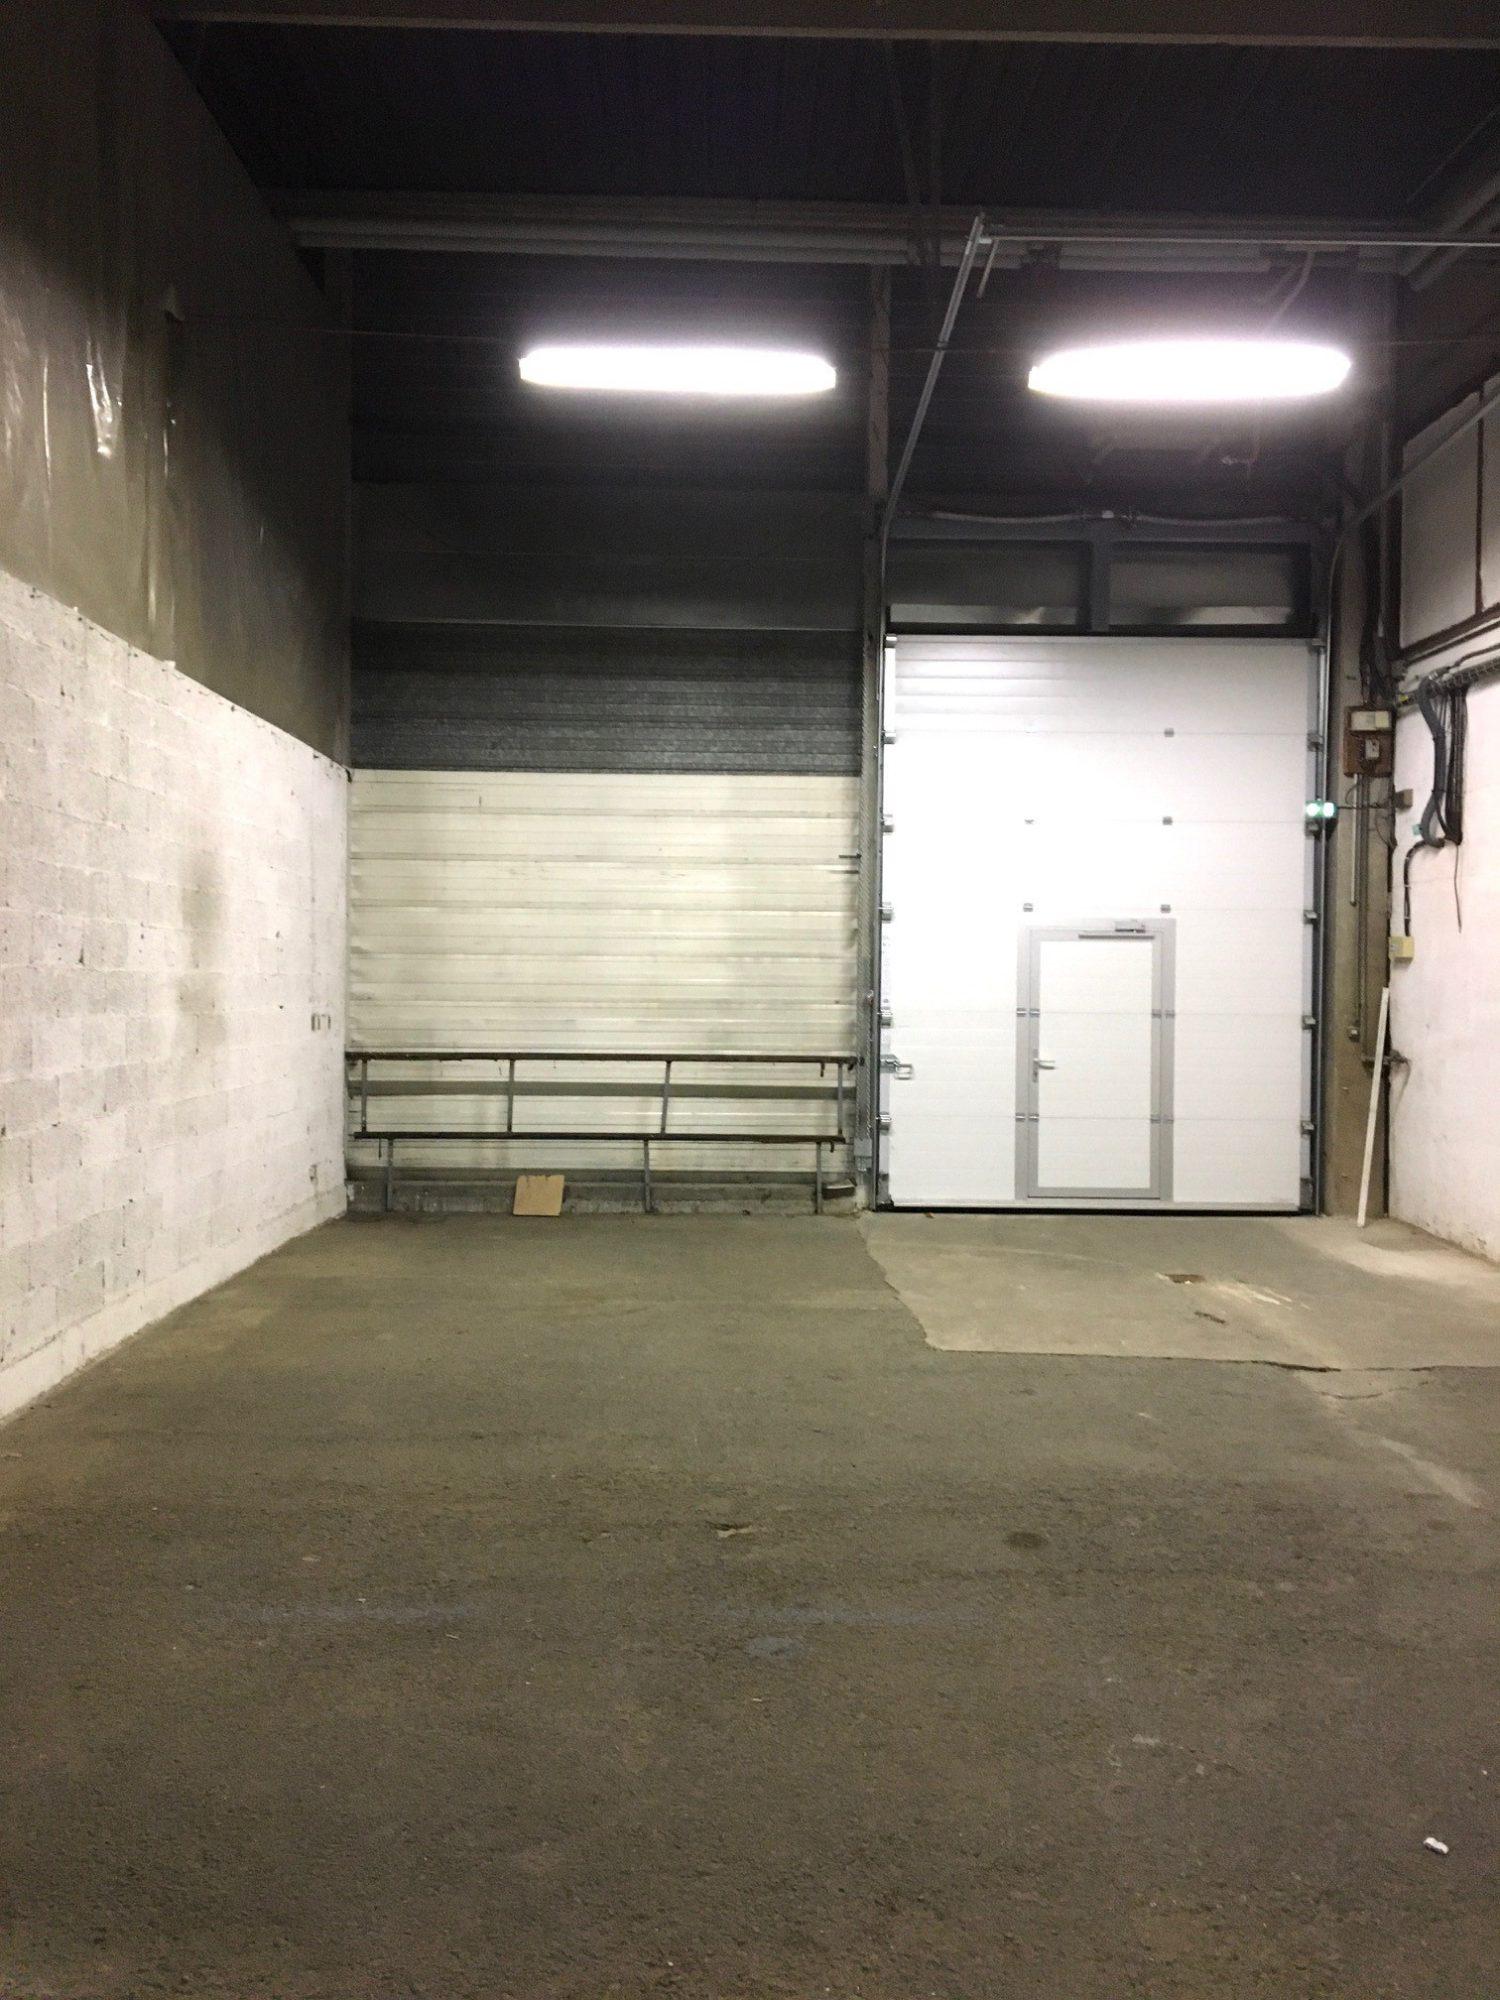 Entrepôt de 770 m²  disponible à la location à Bischheim/Hoe